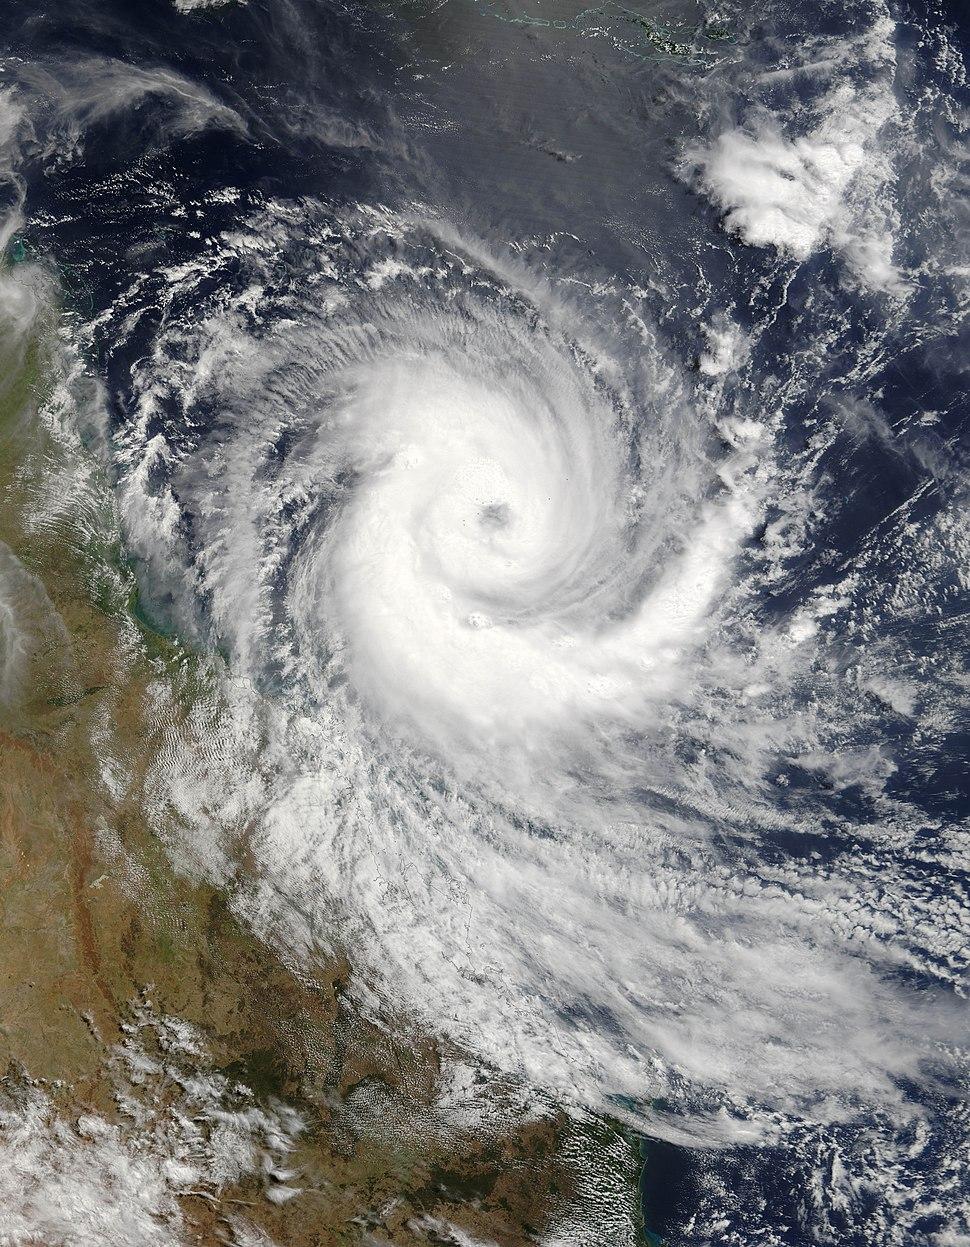 Cyclone Larry 19 mar 2006 0025Z